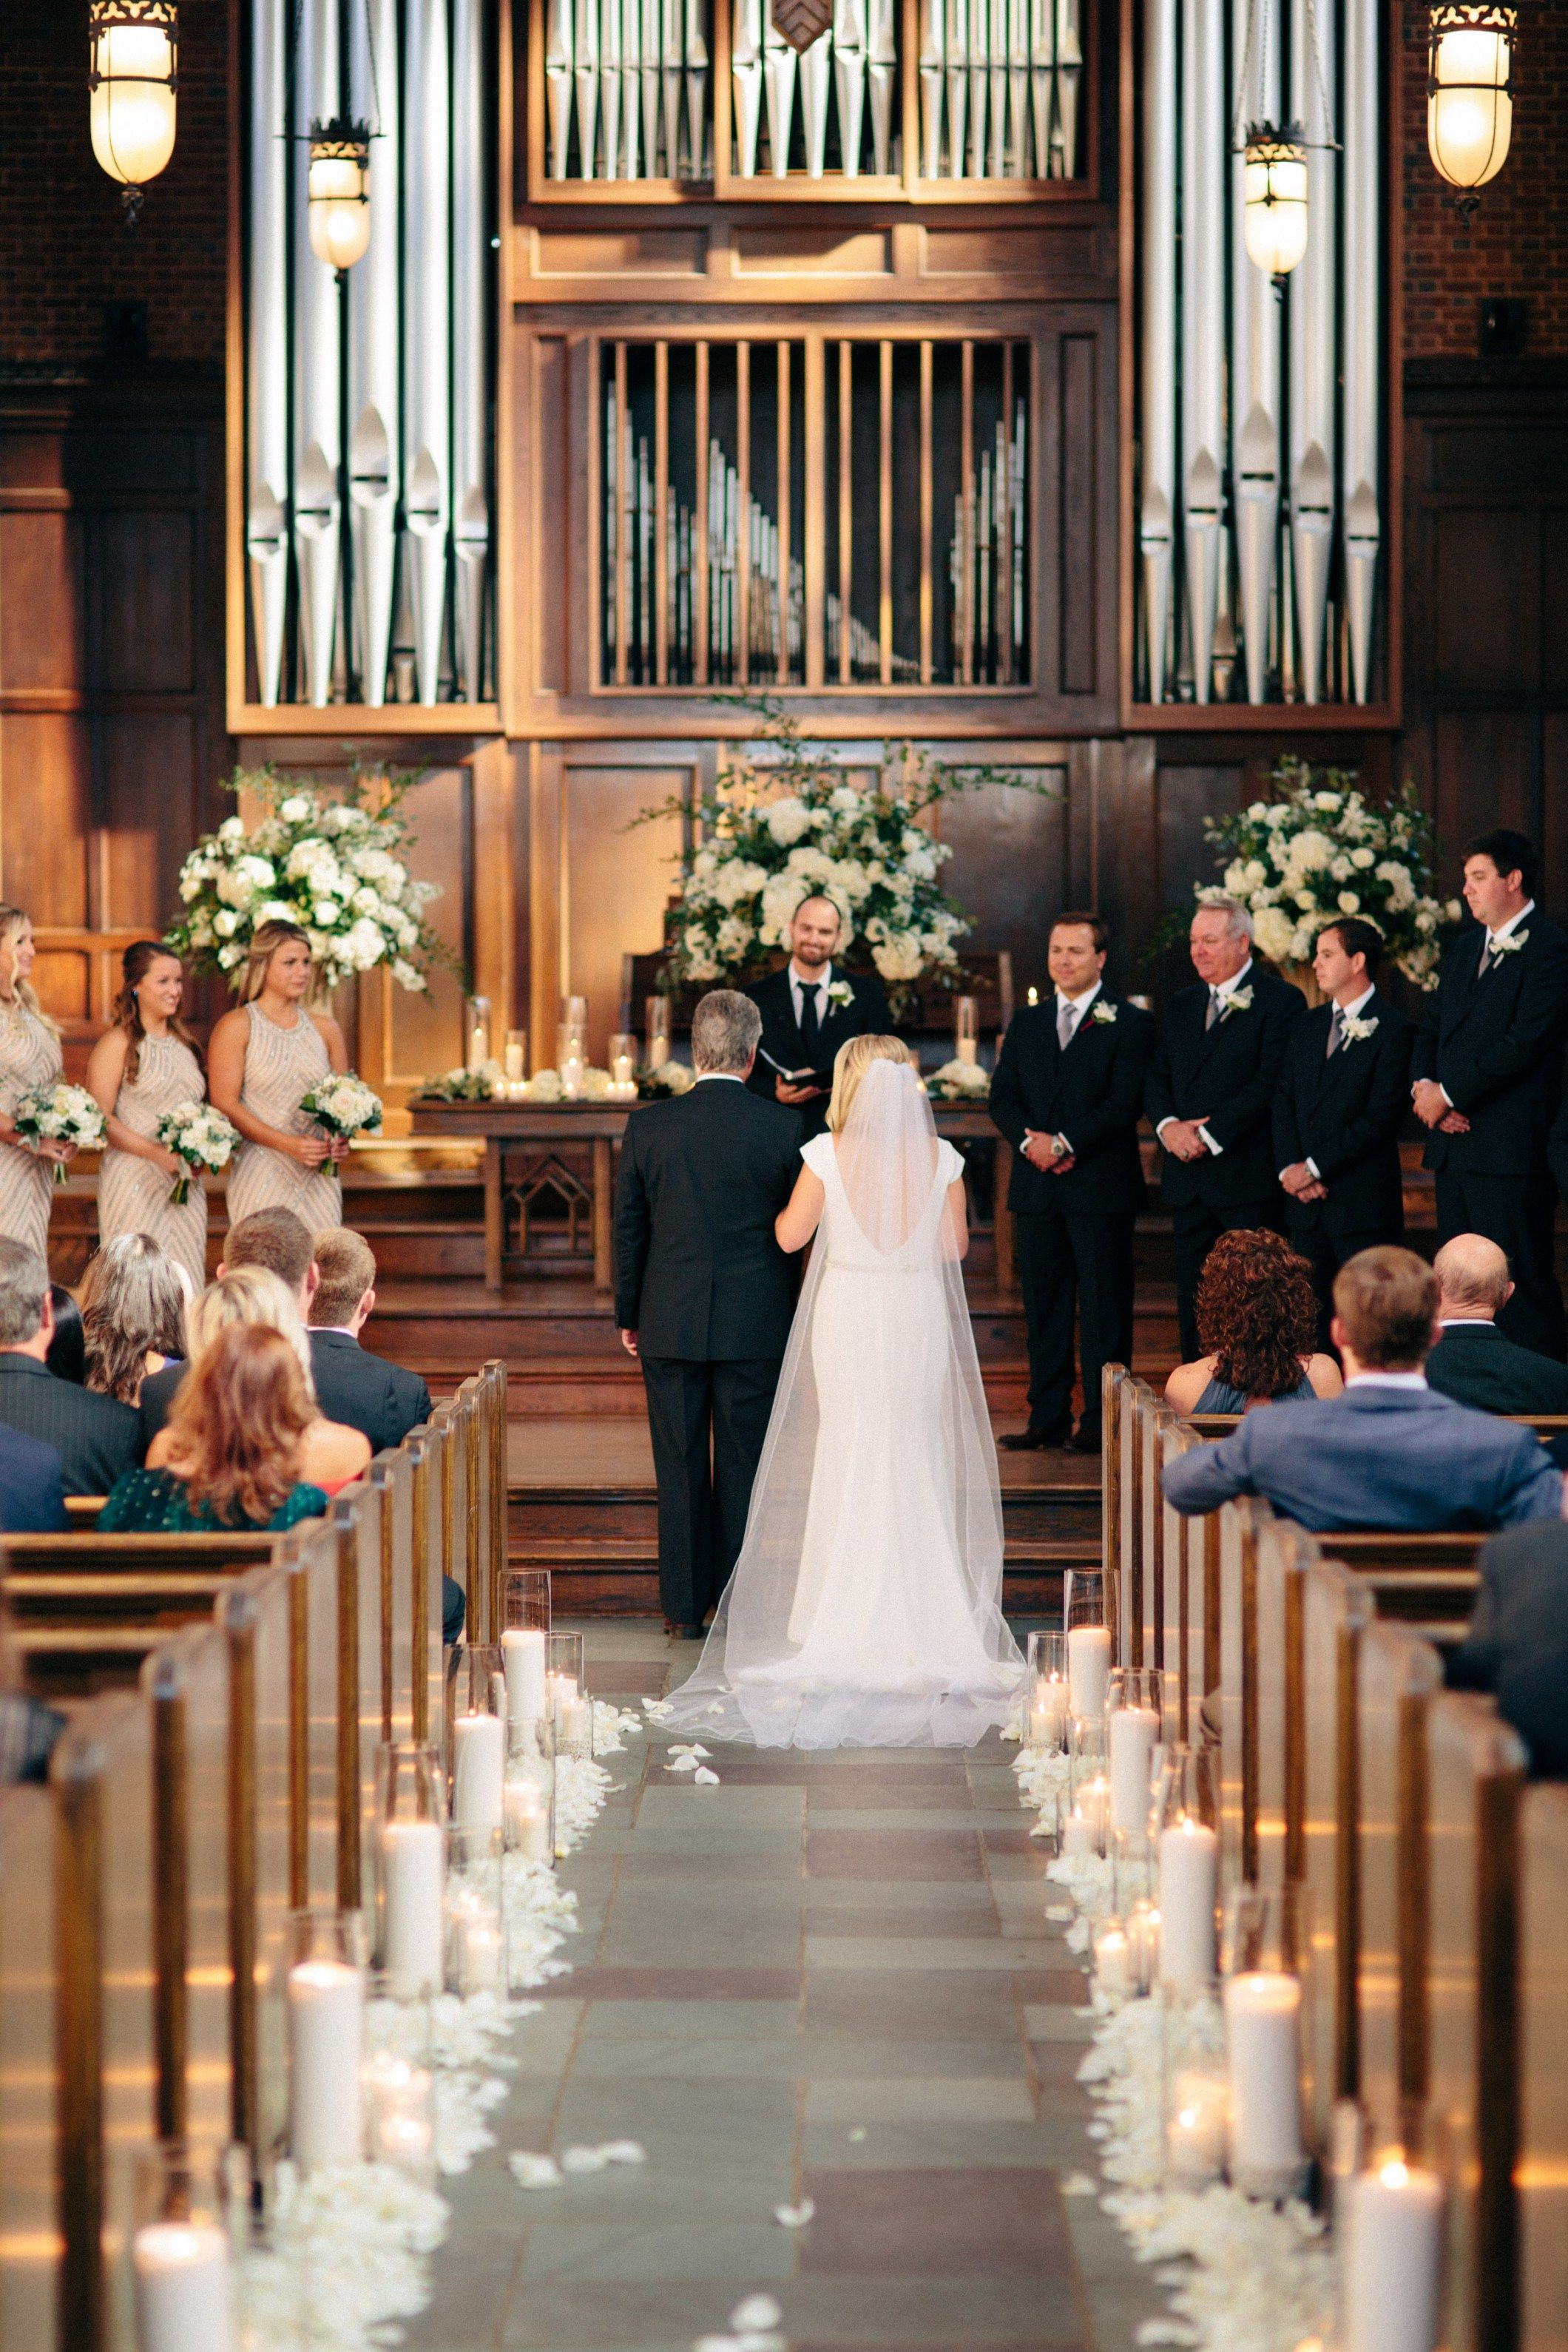 Traditional Lush Church wedding ceremony, Church wedding